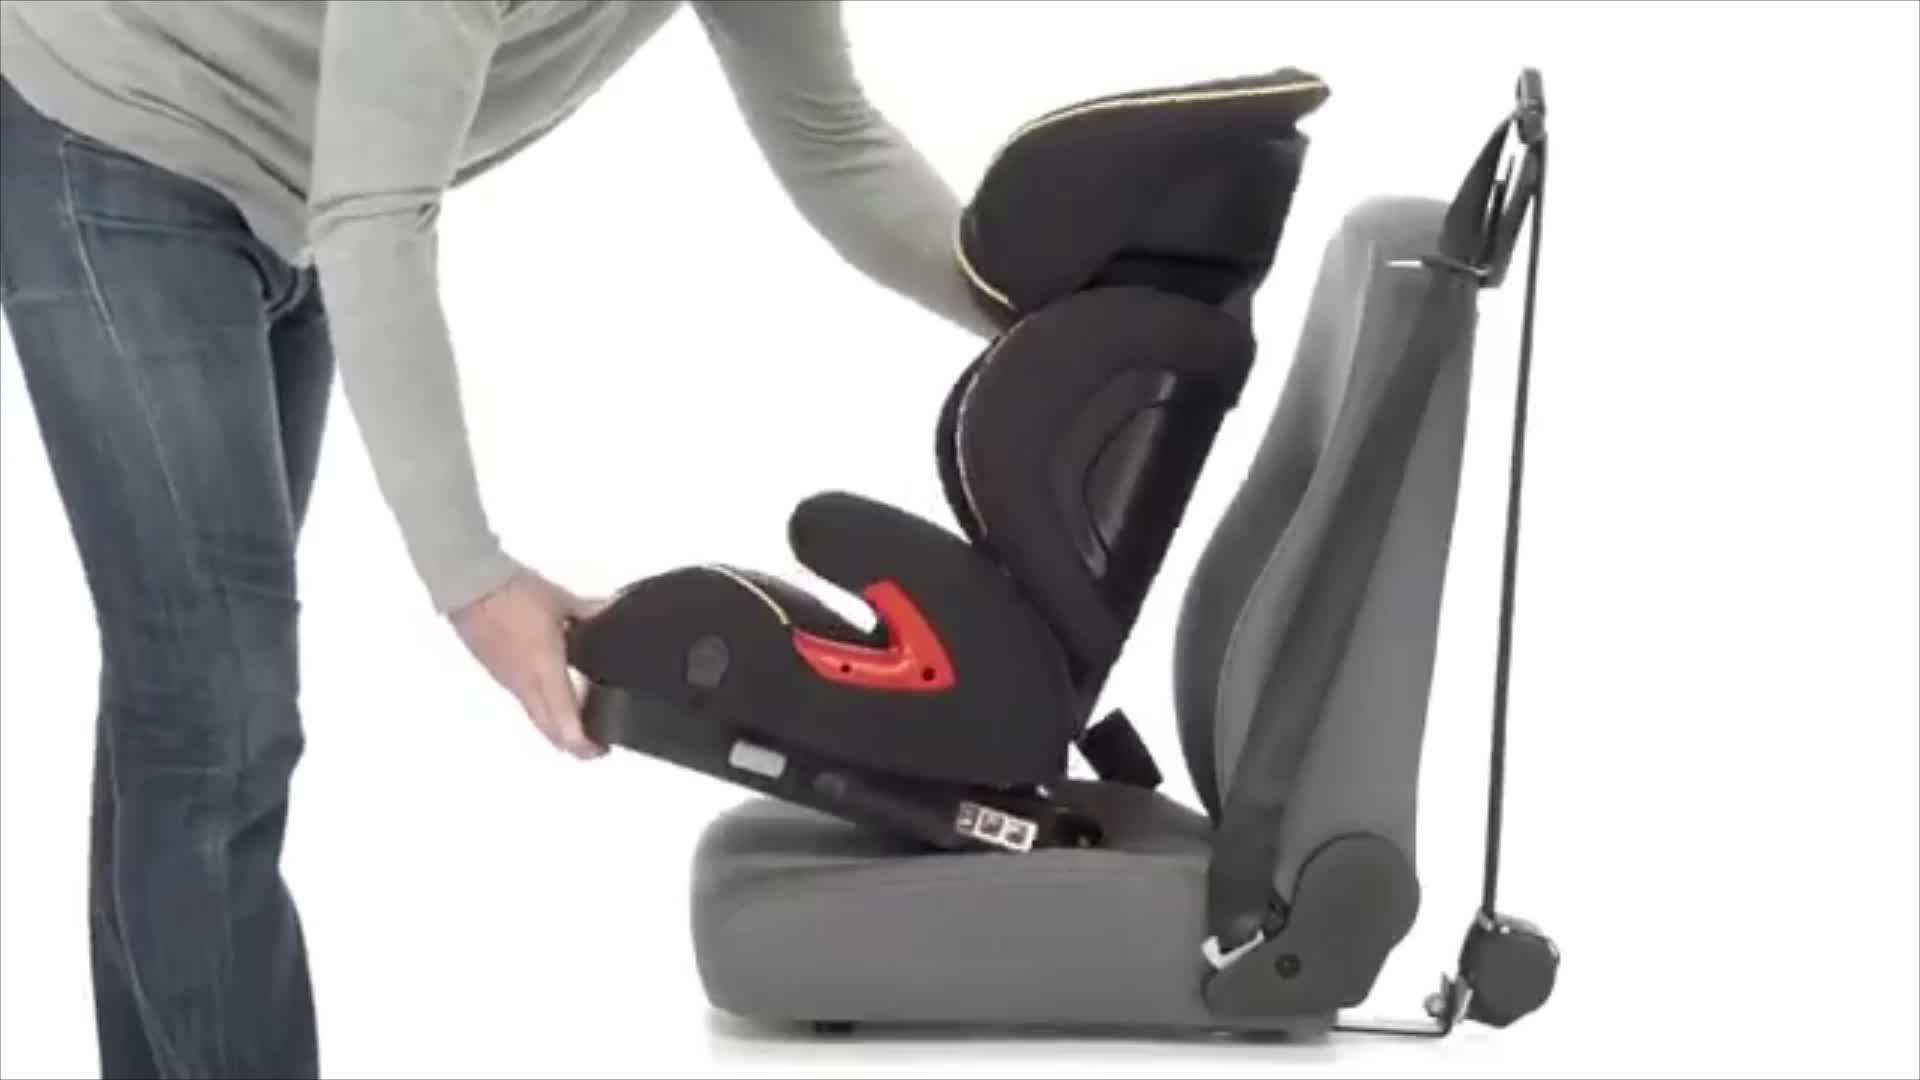 安全調節可能なベビー車のシートカバーキャノピー/360ベビー少年カーシート頭サポート/カーシートカバーベビーカーシート子供のための